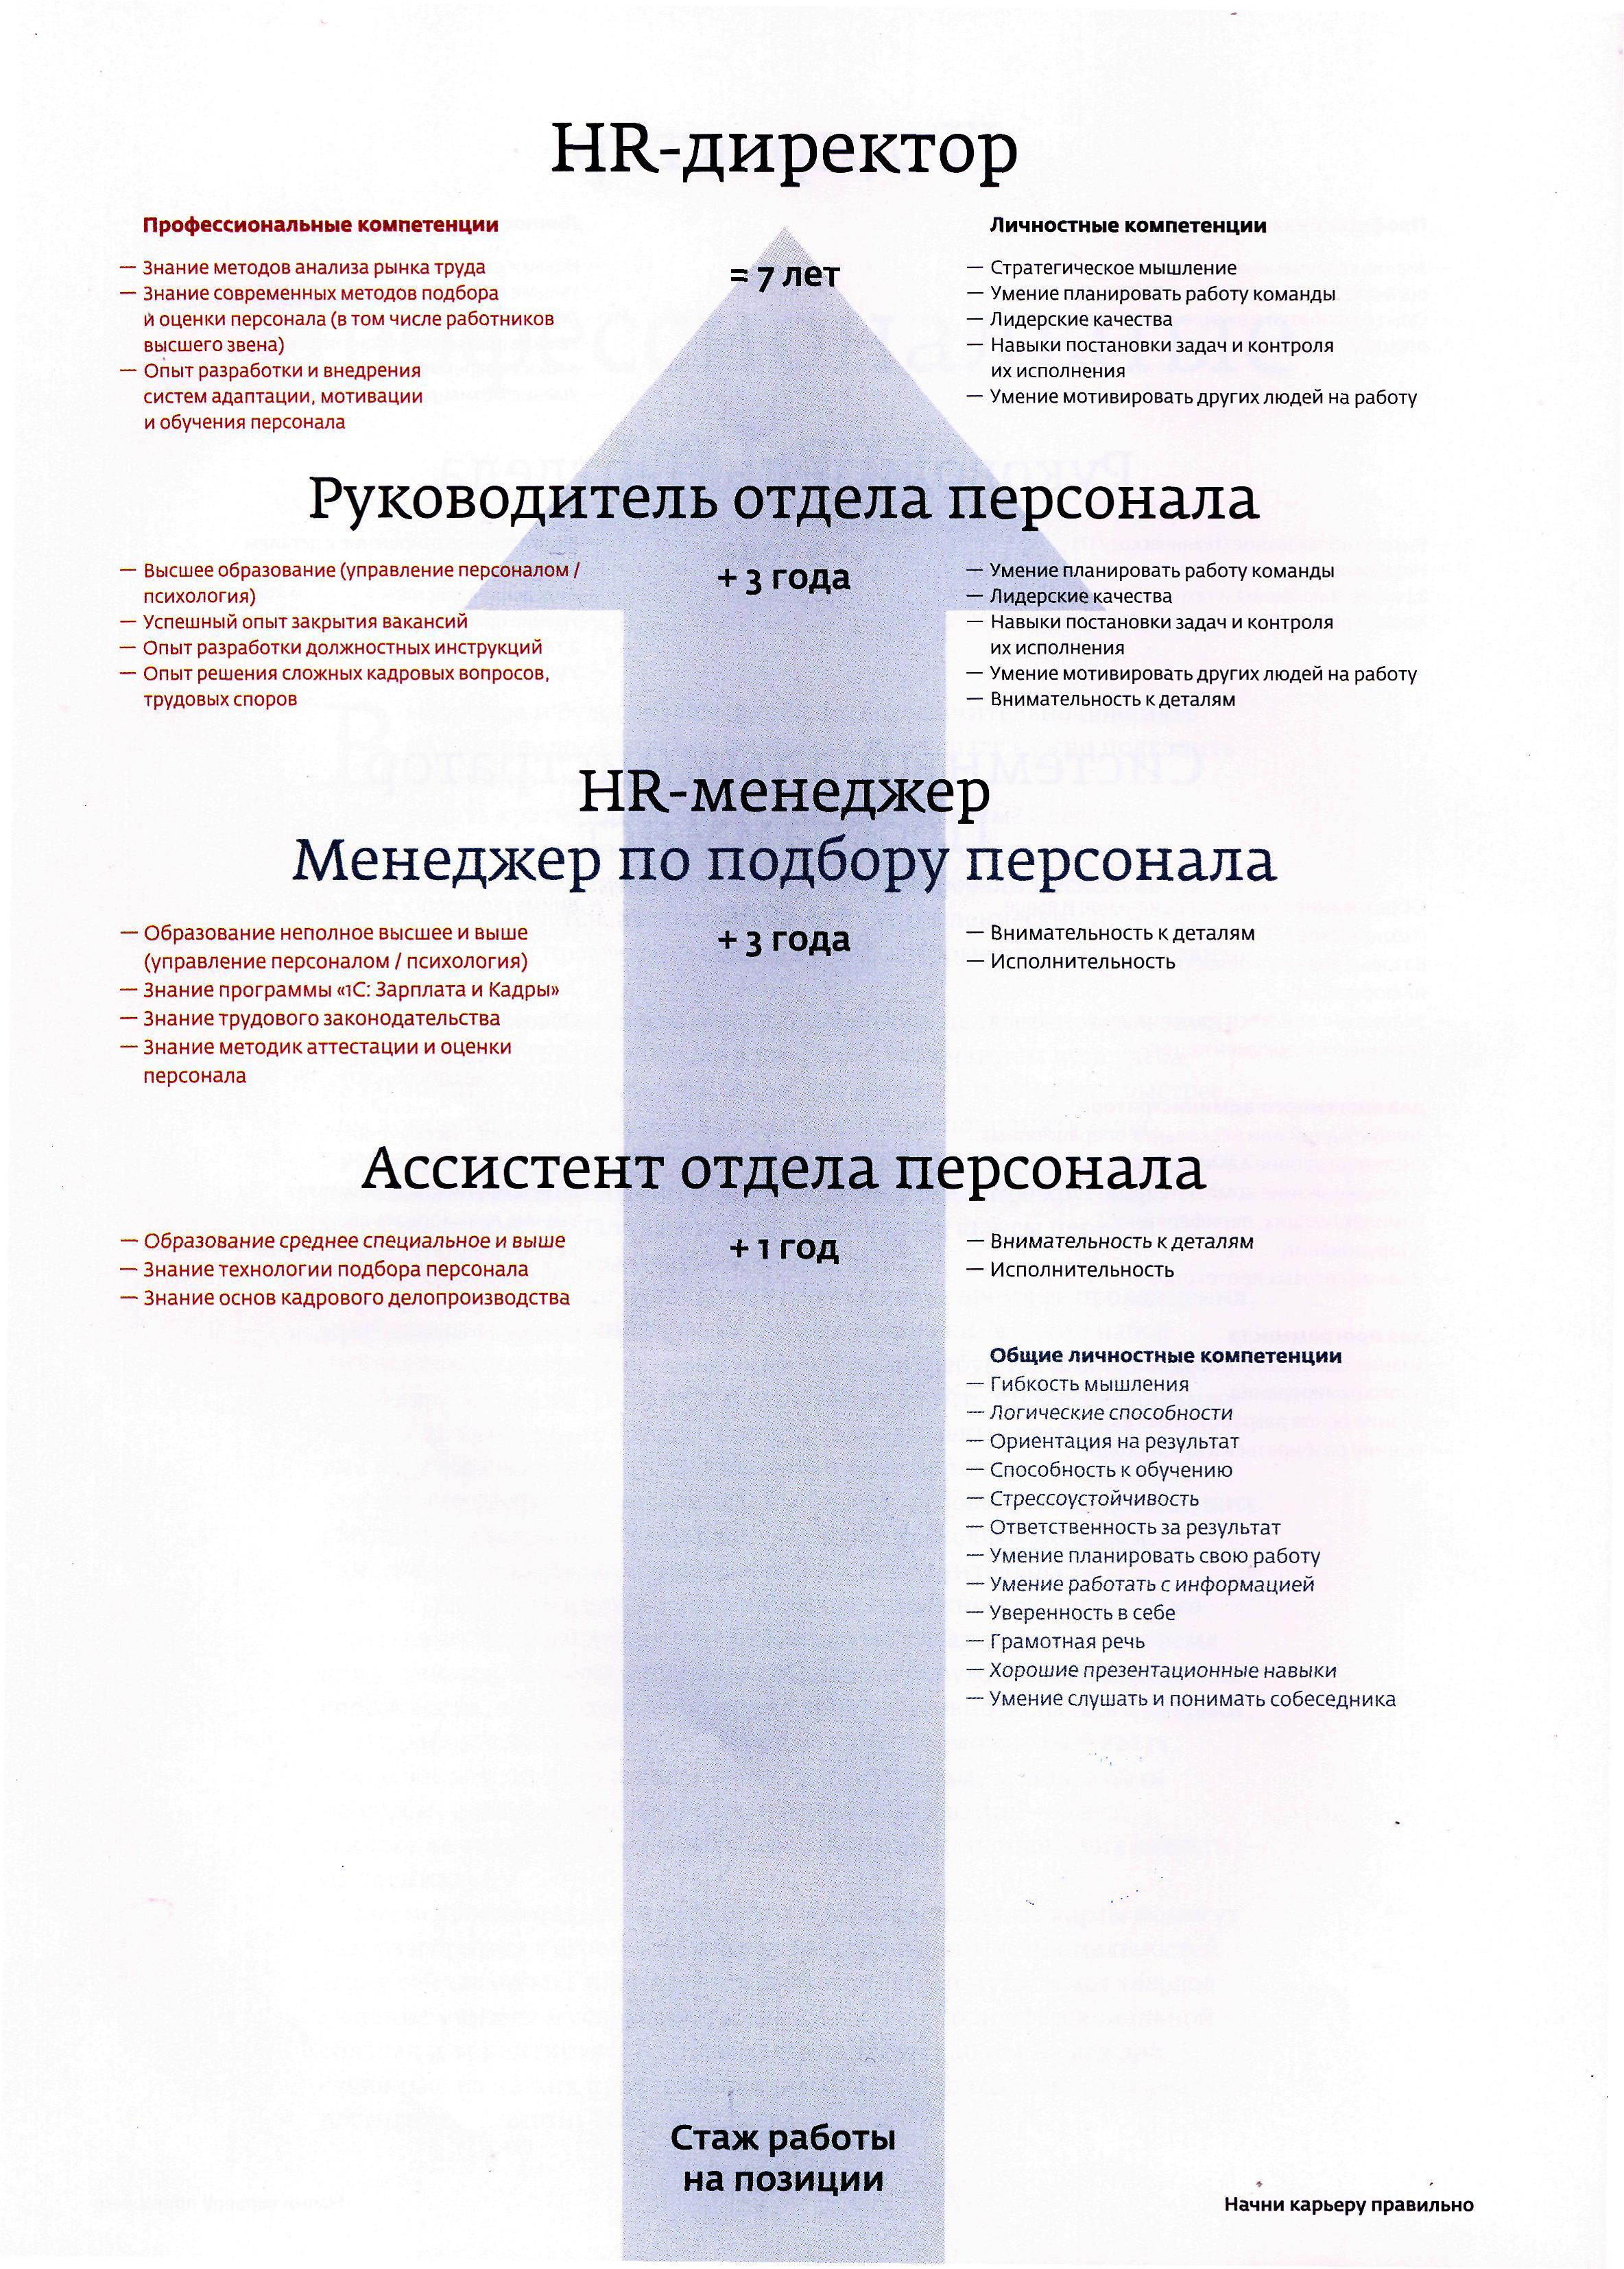 Квалификационные требования (профессиональный стандарт) в области информационных технологий менеджер по продажам